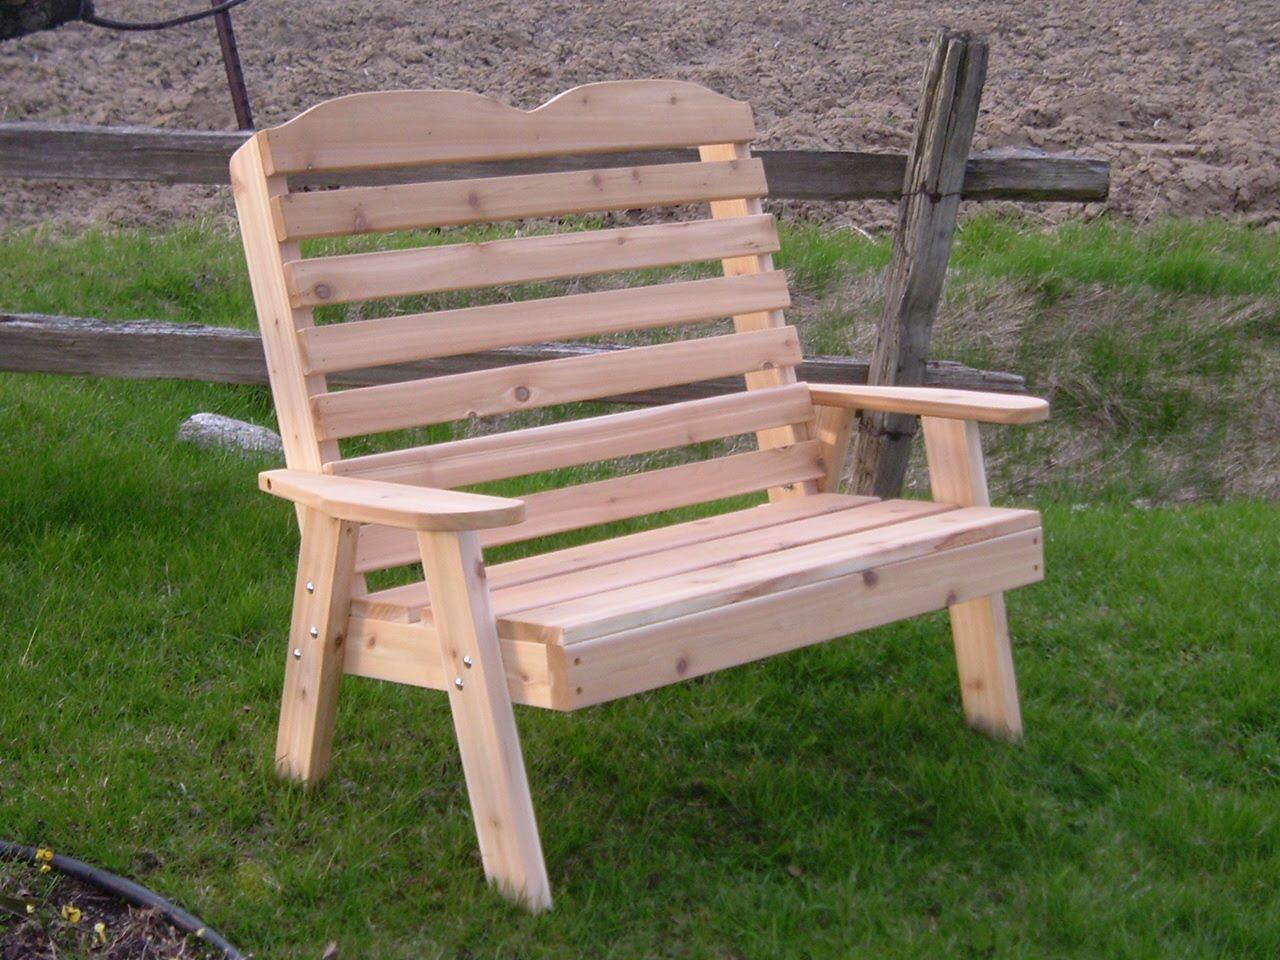 un meuble qu b cois des meubles de jardins en c dre. Black Bedroom Furniture Sets. Home Design Ideas